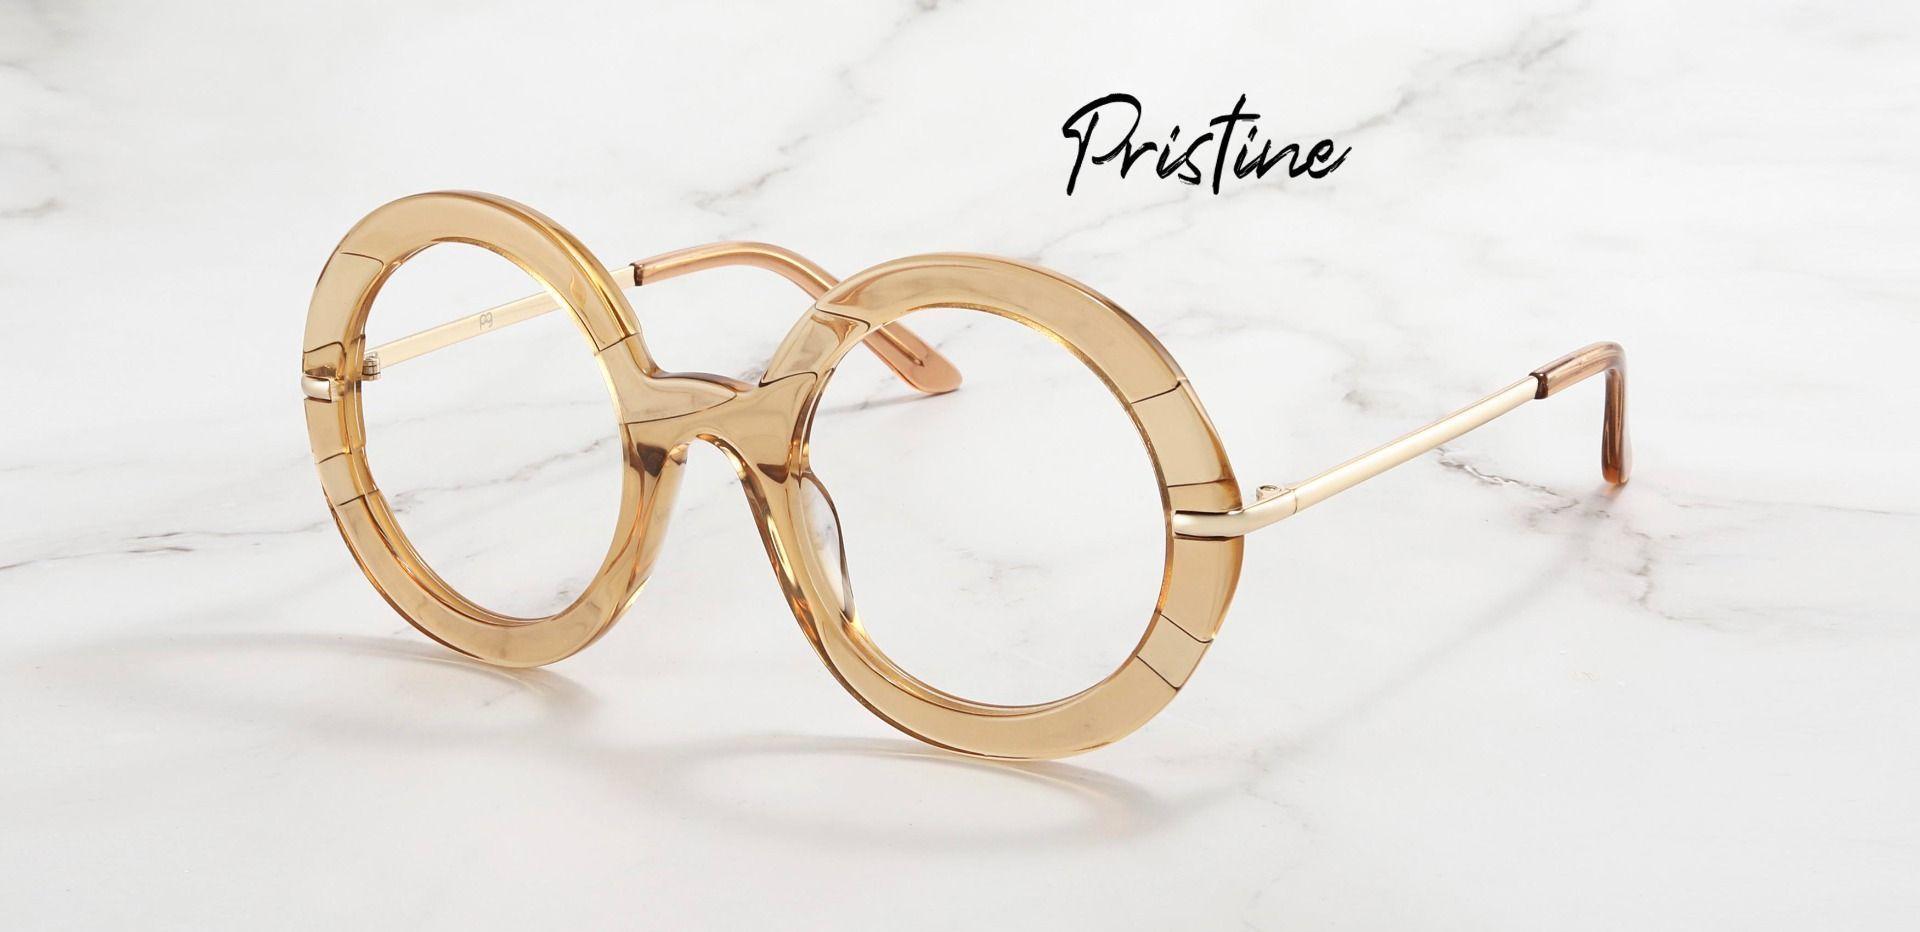 Pristine Round Prescription Glasses - Brown